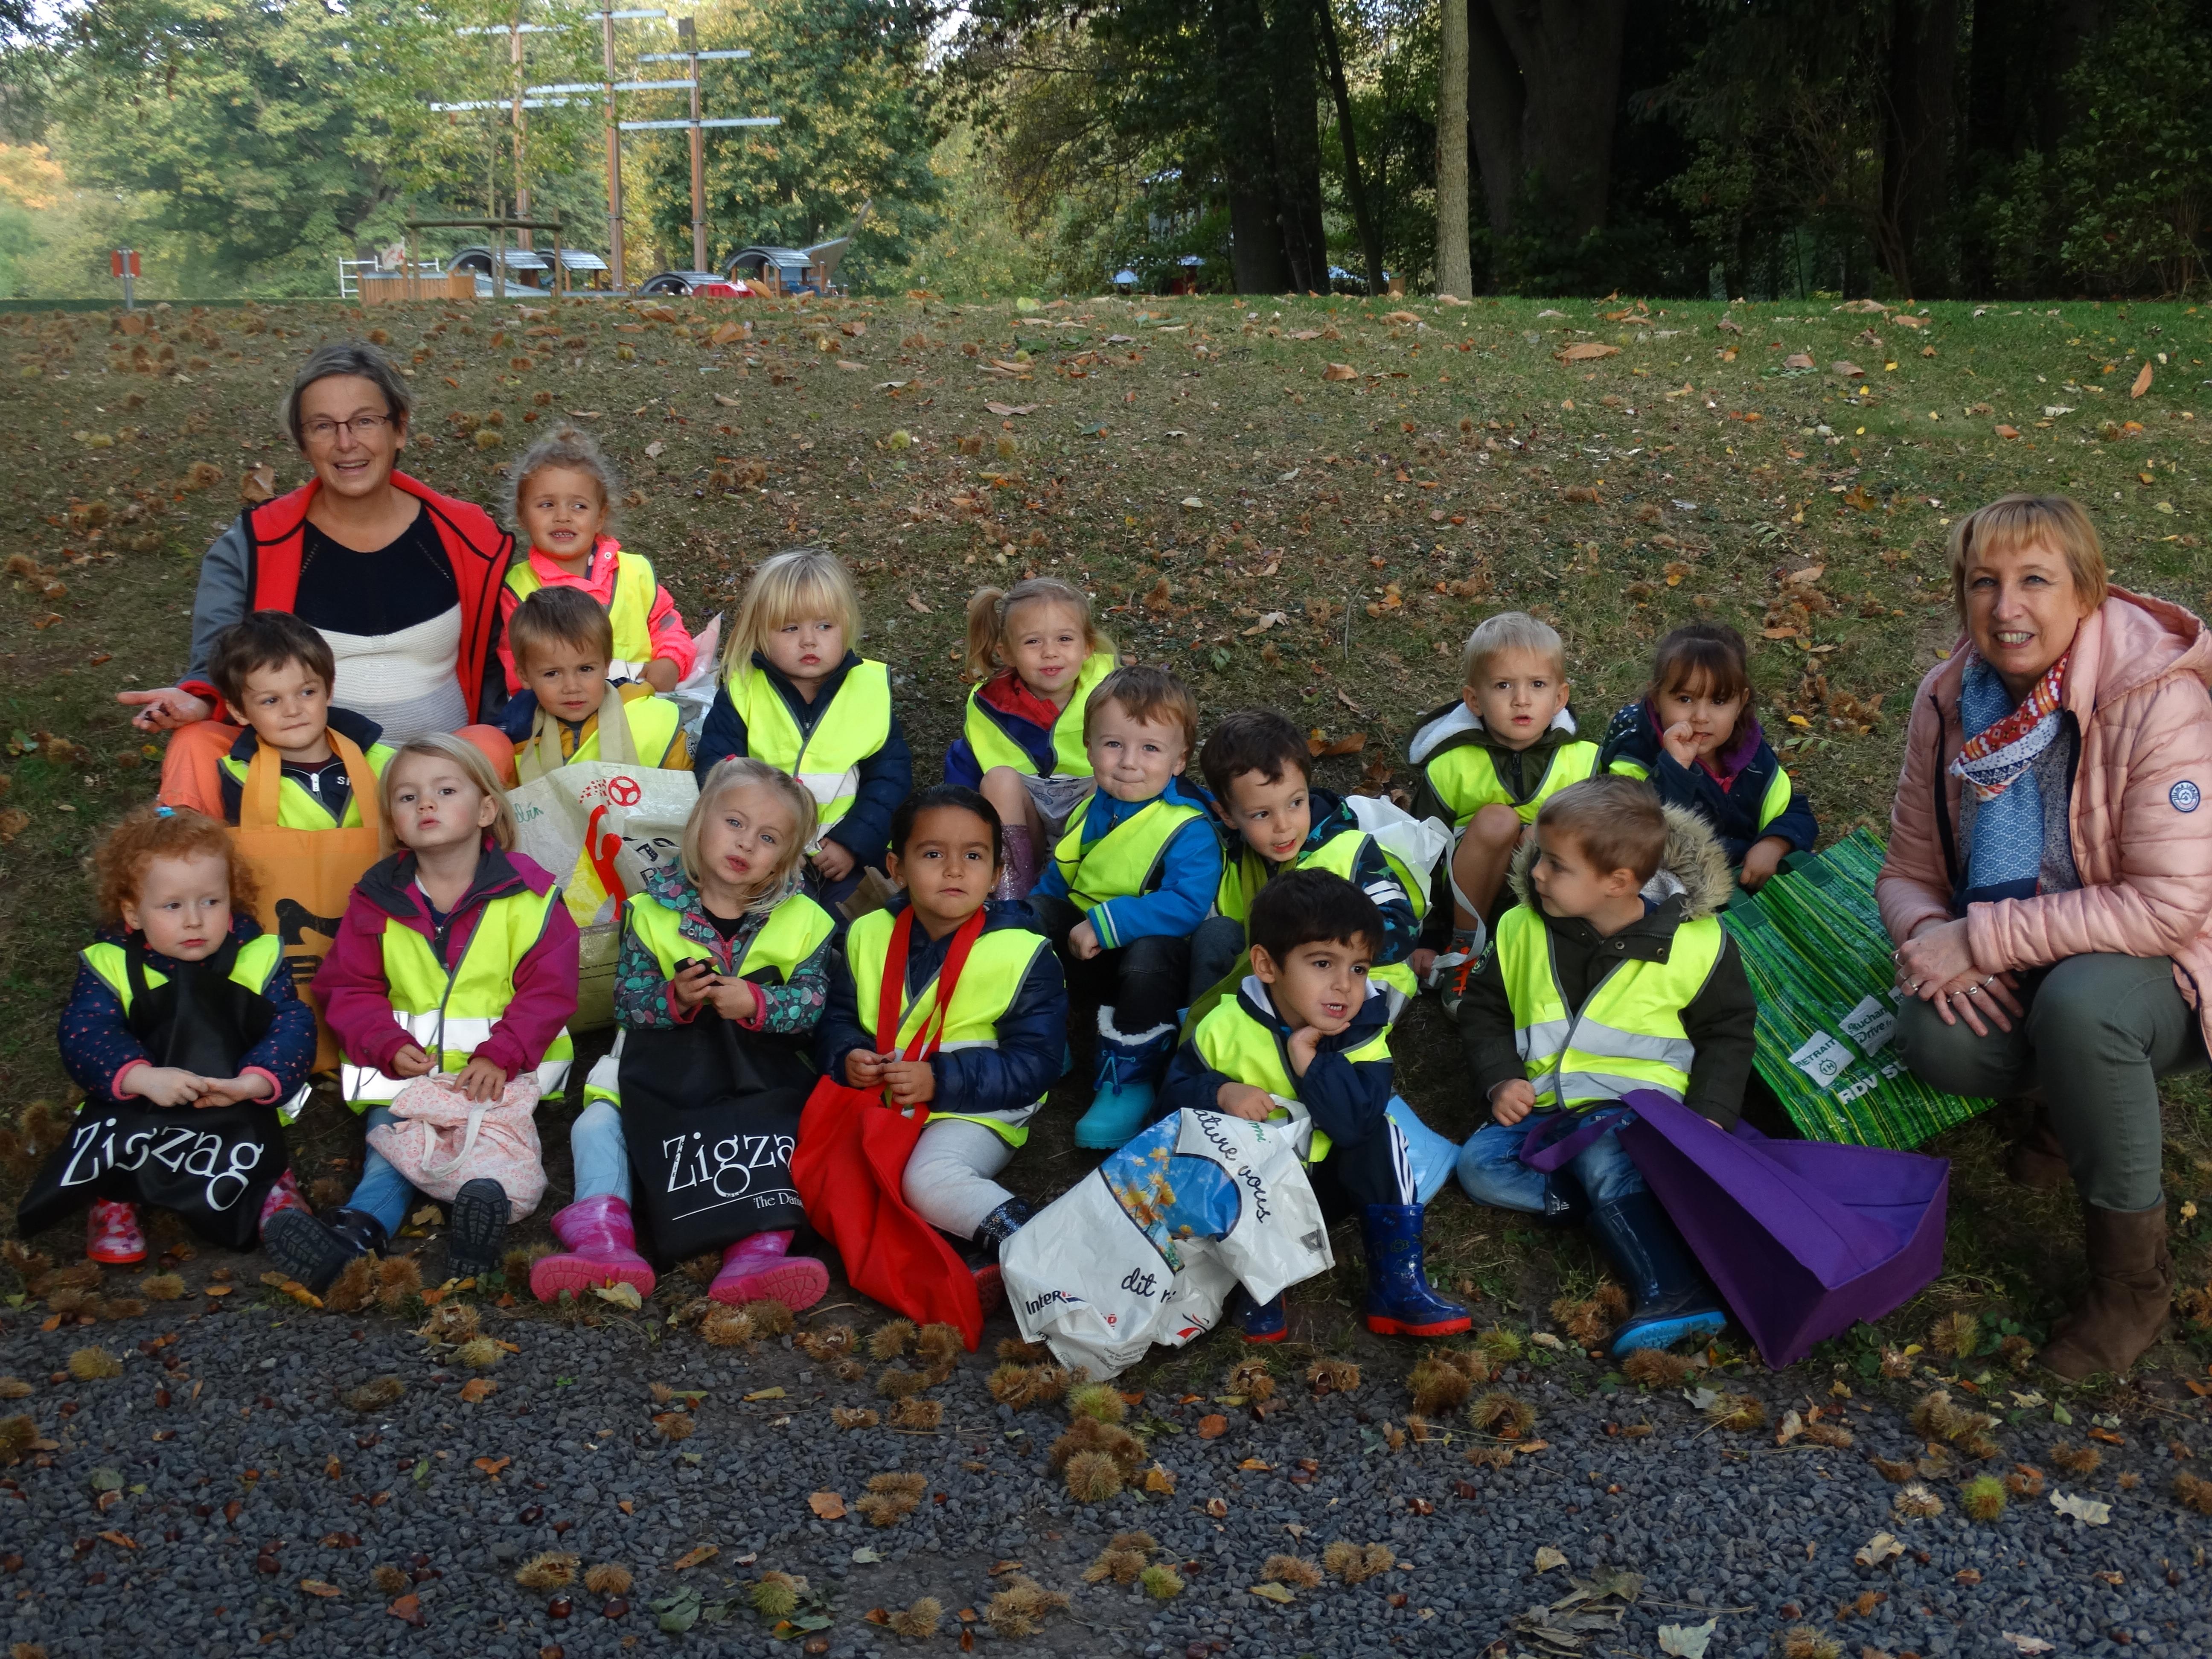 Les élèves de Mme Isabelle (M1) au parc d'Estaimbourg